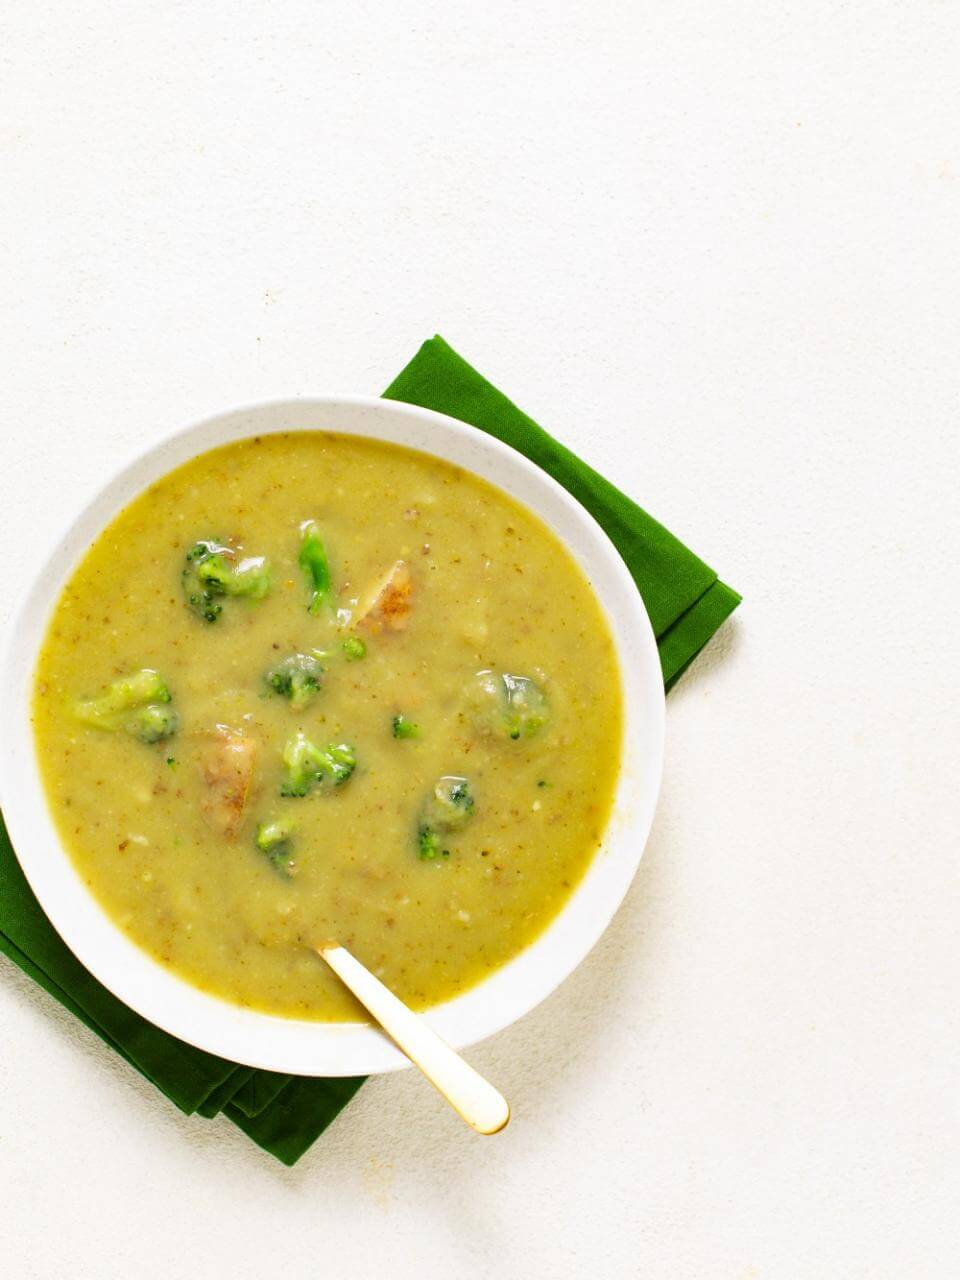 Broccoli Potato Soup Recipe   plantbasedonabudget.com   #soup #broccoli #vegan #lunch #veggies #plantbasedonabudget